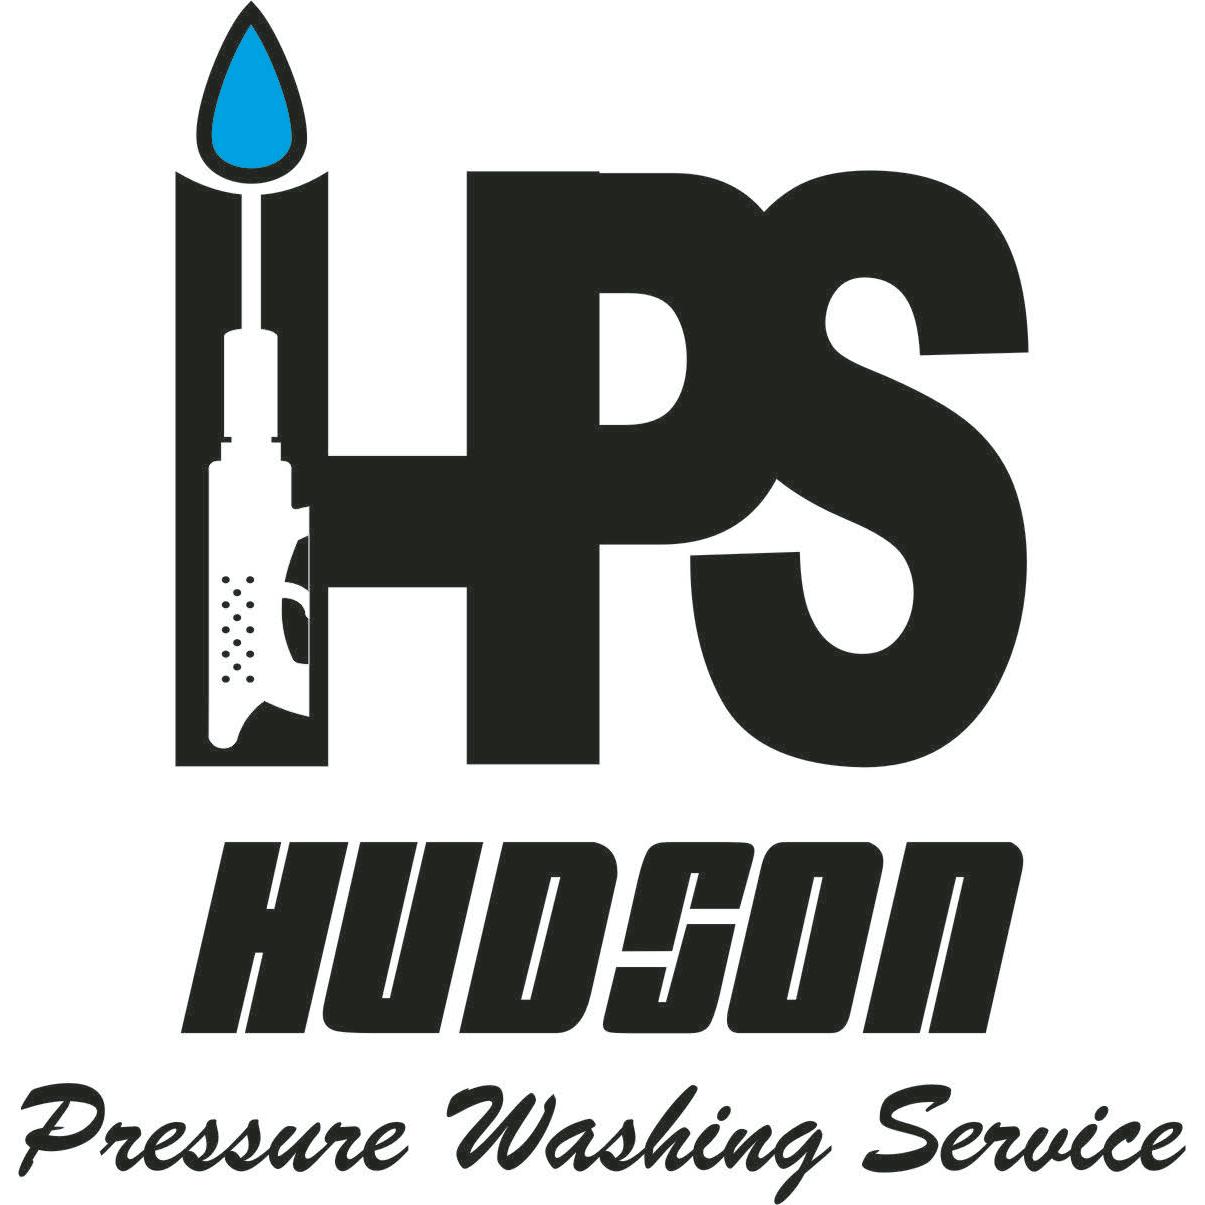 Hudson Pressurewashing Service